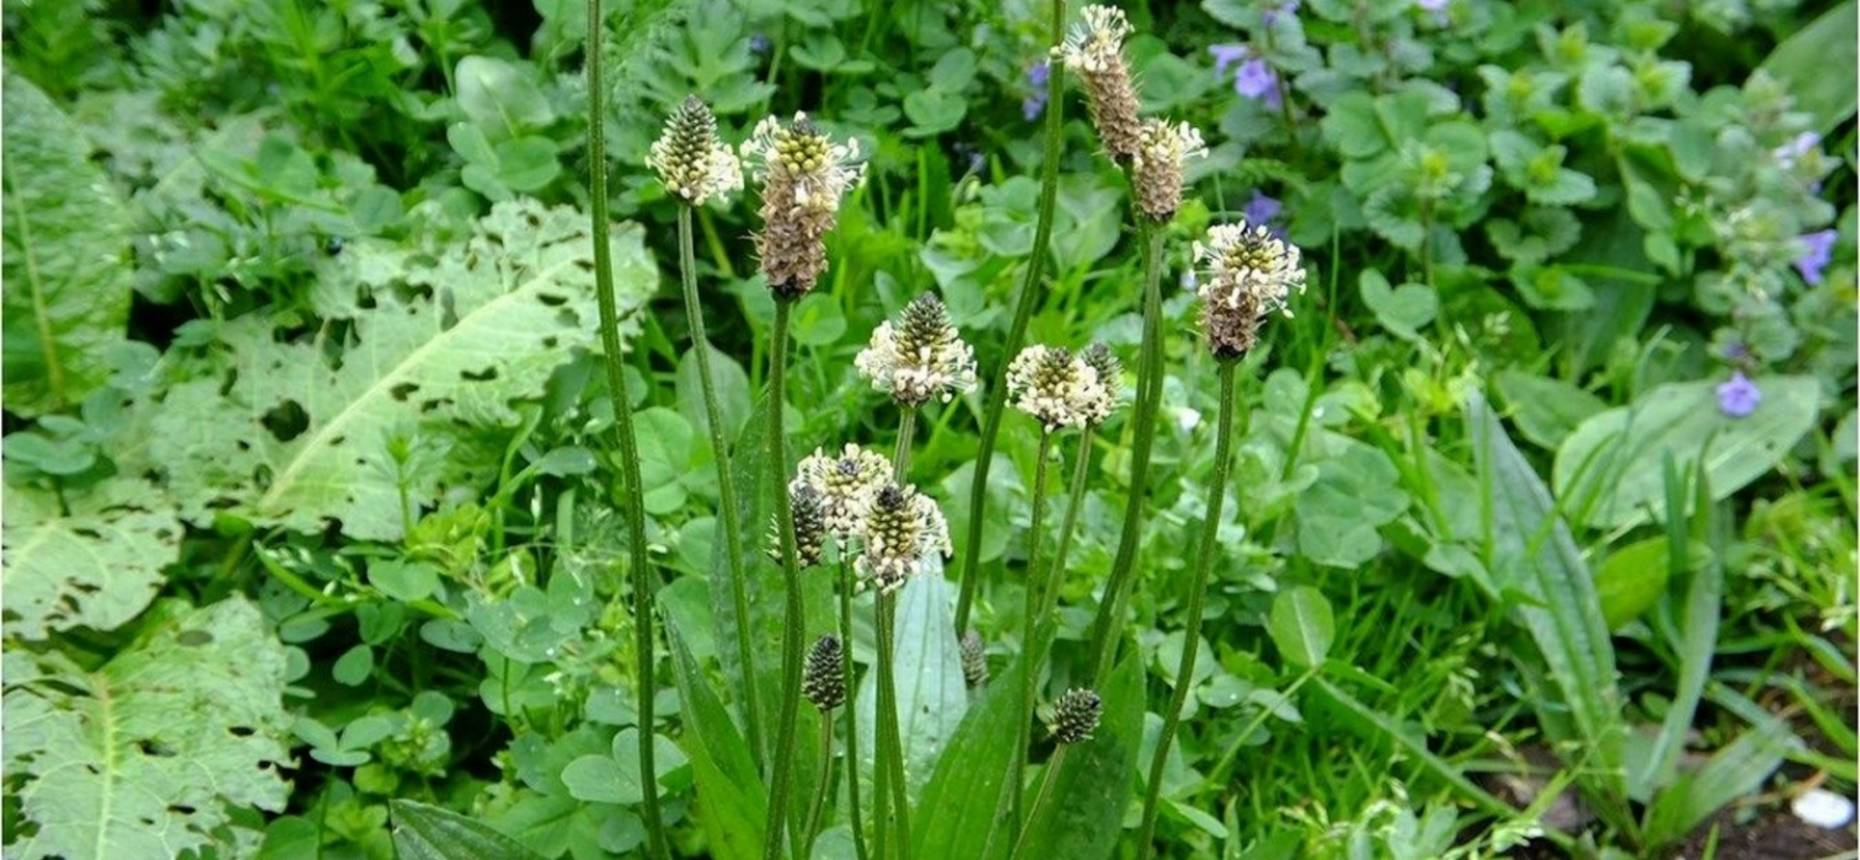 Plantago lanceolata L. - Подорожник ланцетолистный, ланцетовидный